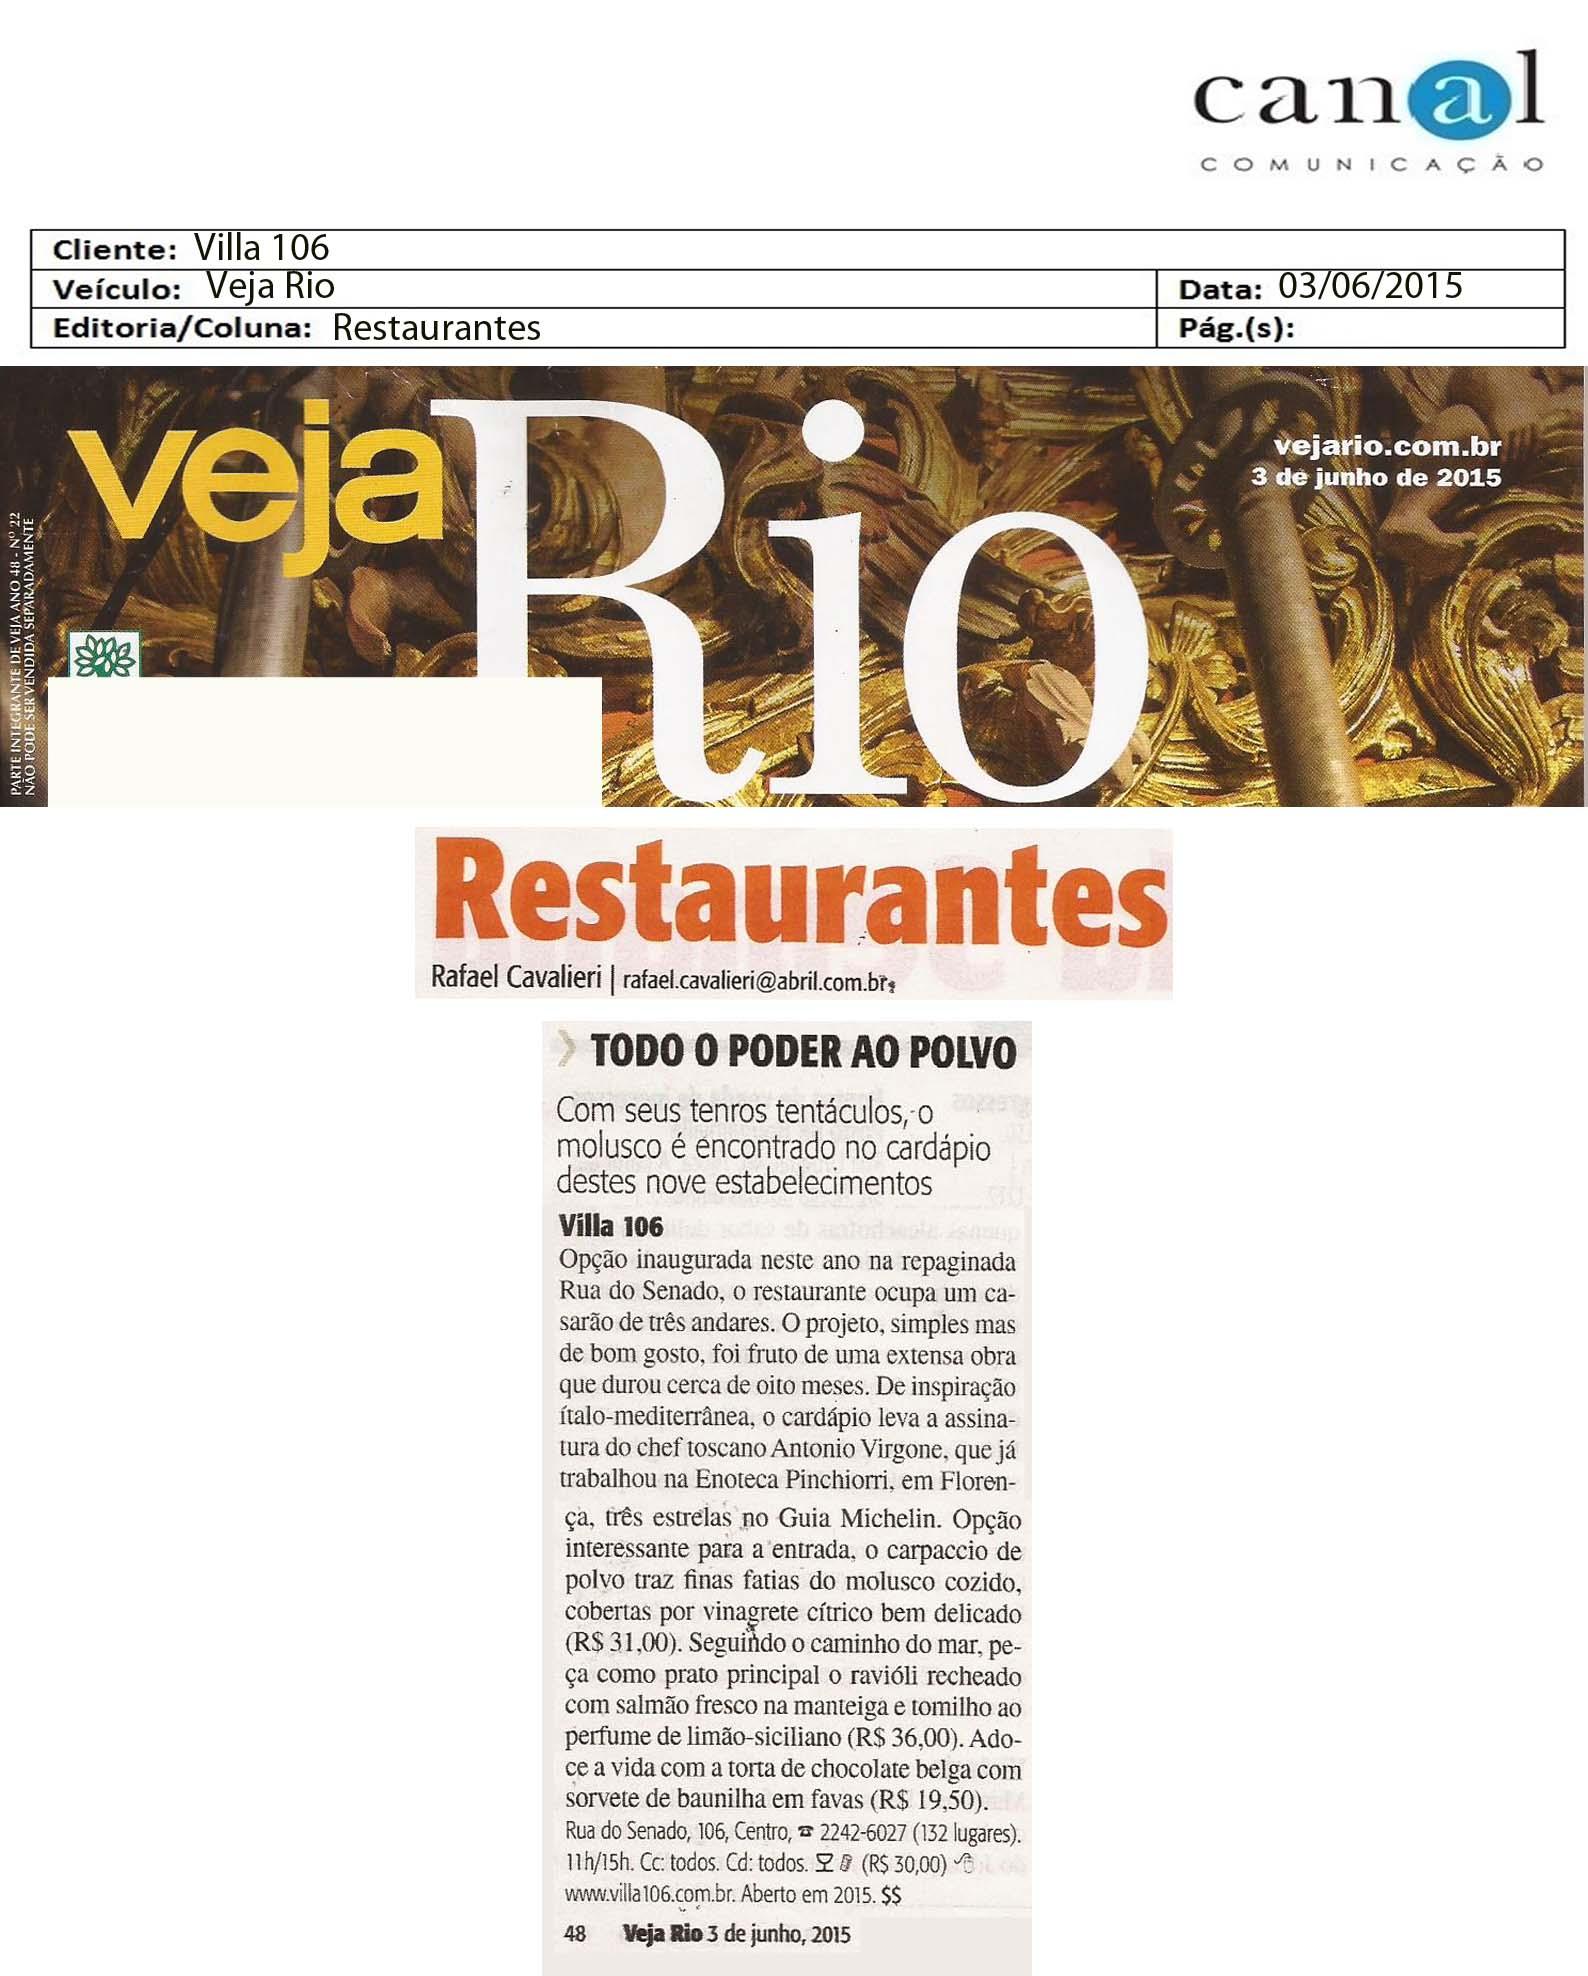 Villa-106_Veja-Rio_Restaurantes_03-06-2015